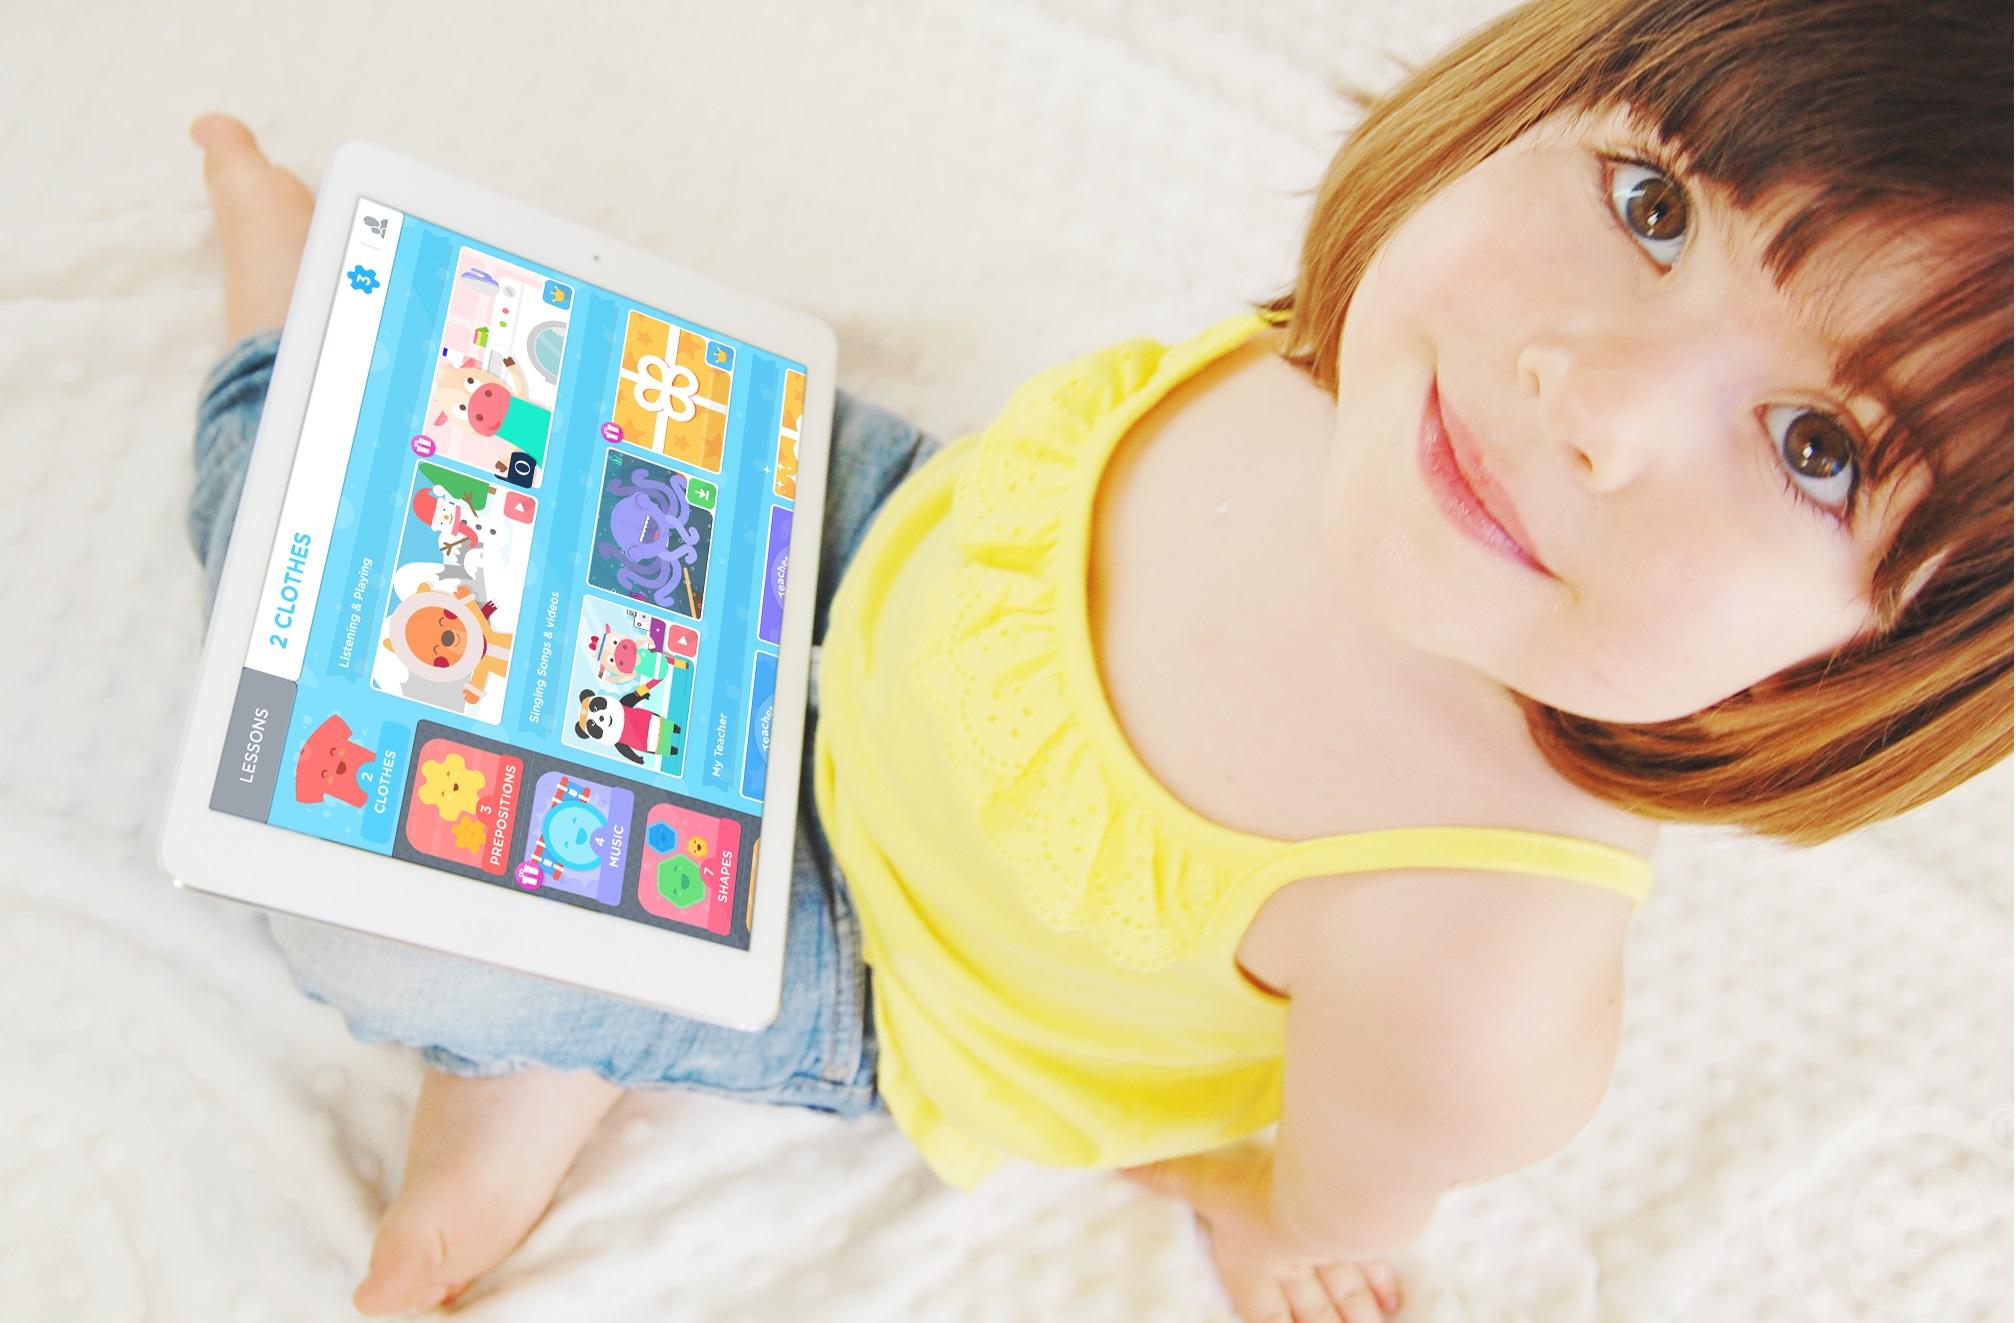 Lingokids alcanza el millón de familias usuarias y se sitúa a la cabeza de las apps educativas